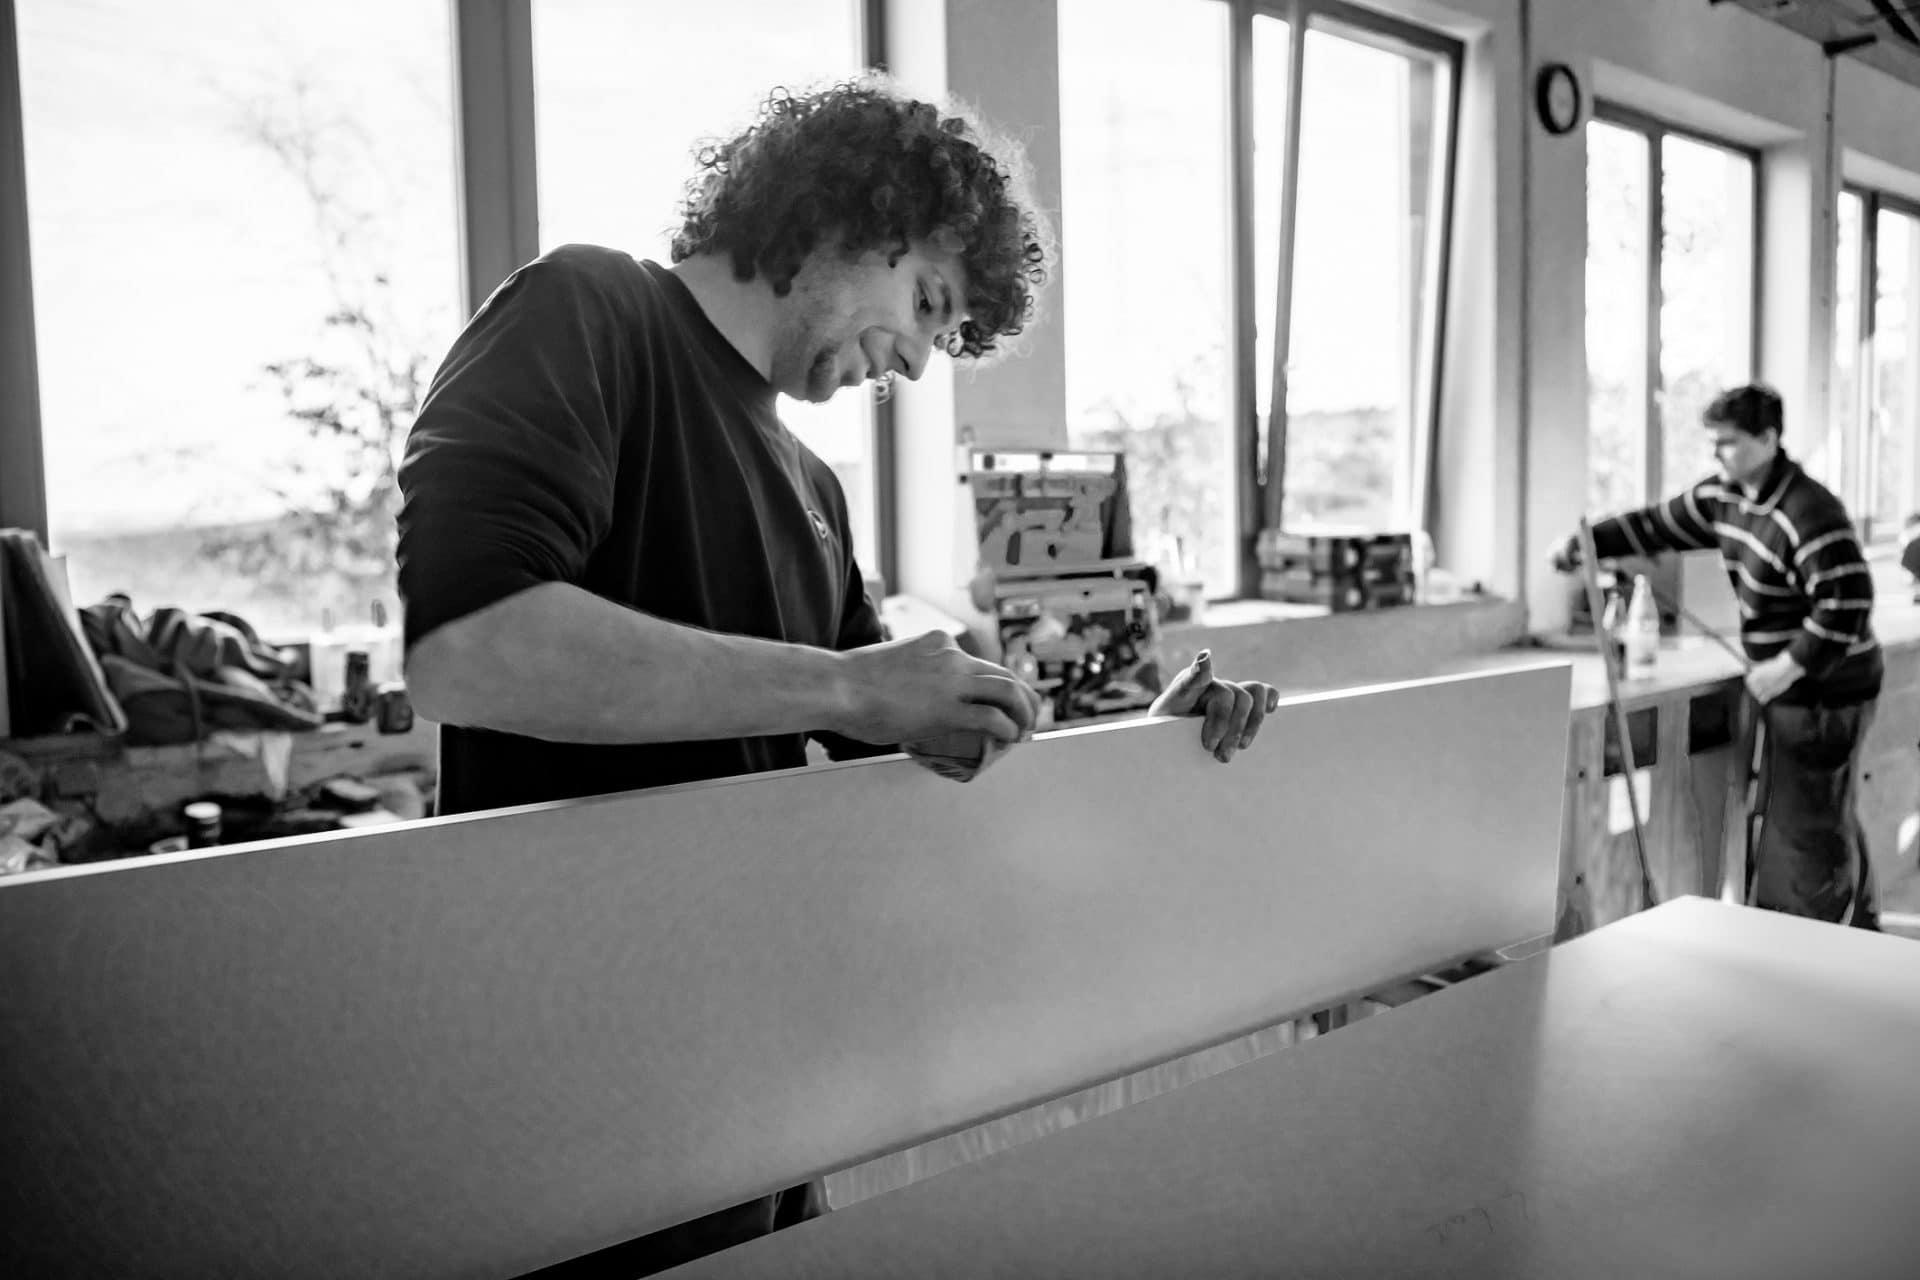 Schreiner schleift ein Werkstück ab in der Schreinerei - Bild in schwarz-weiß